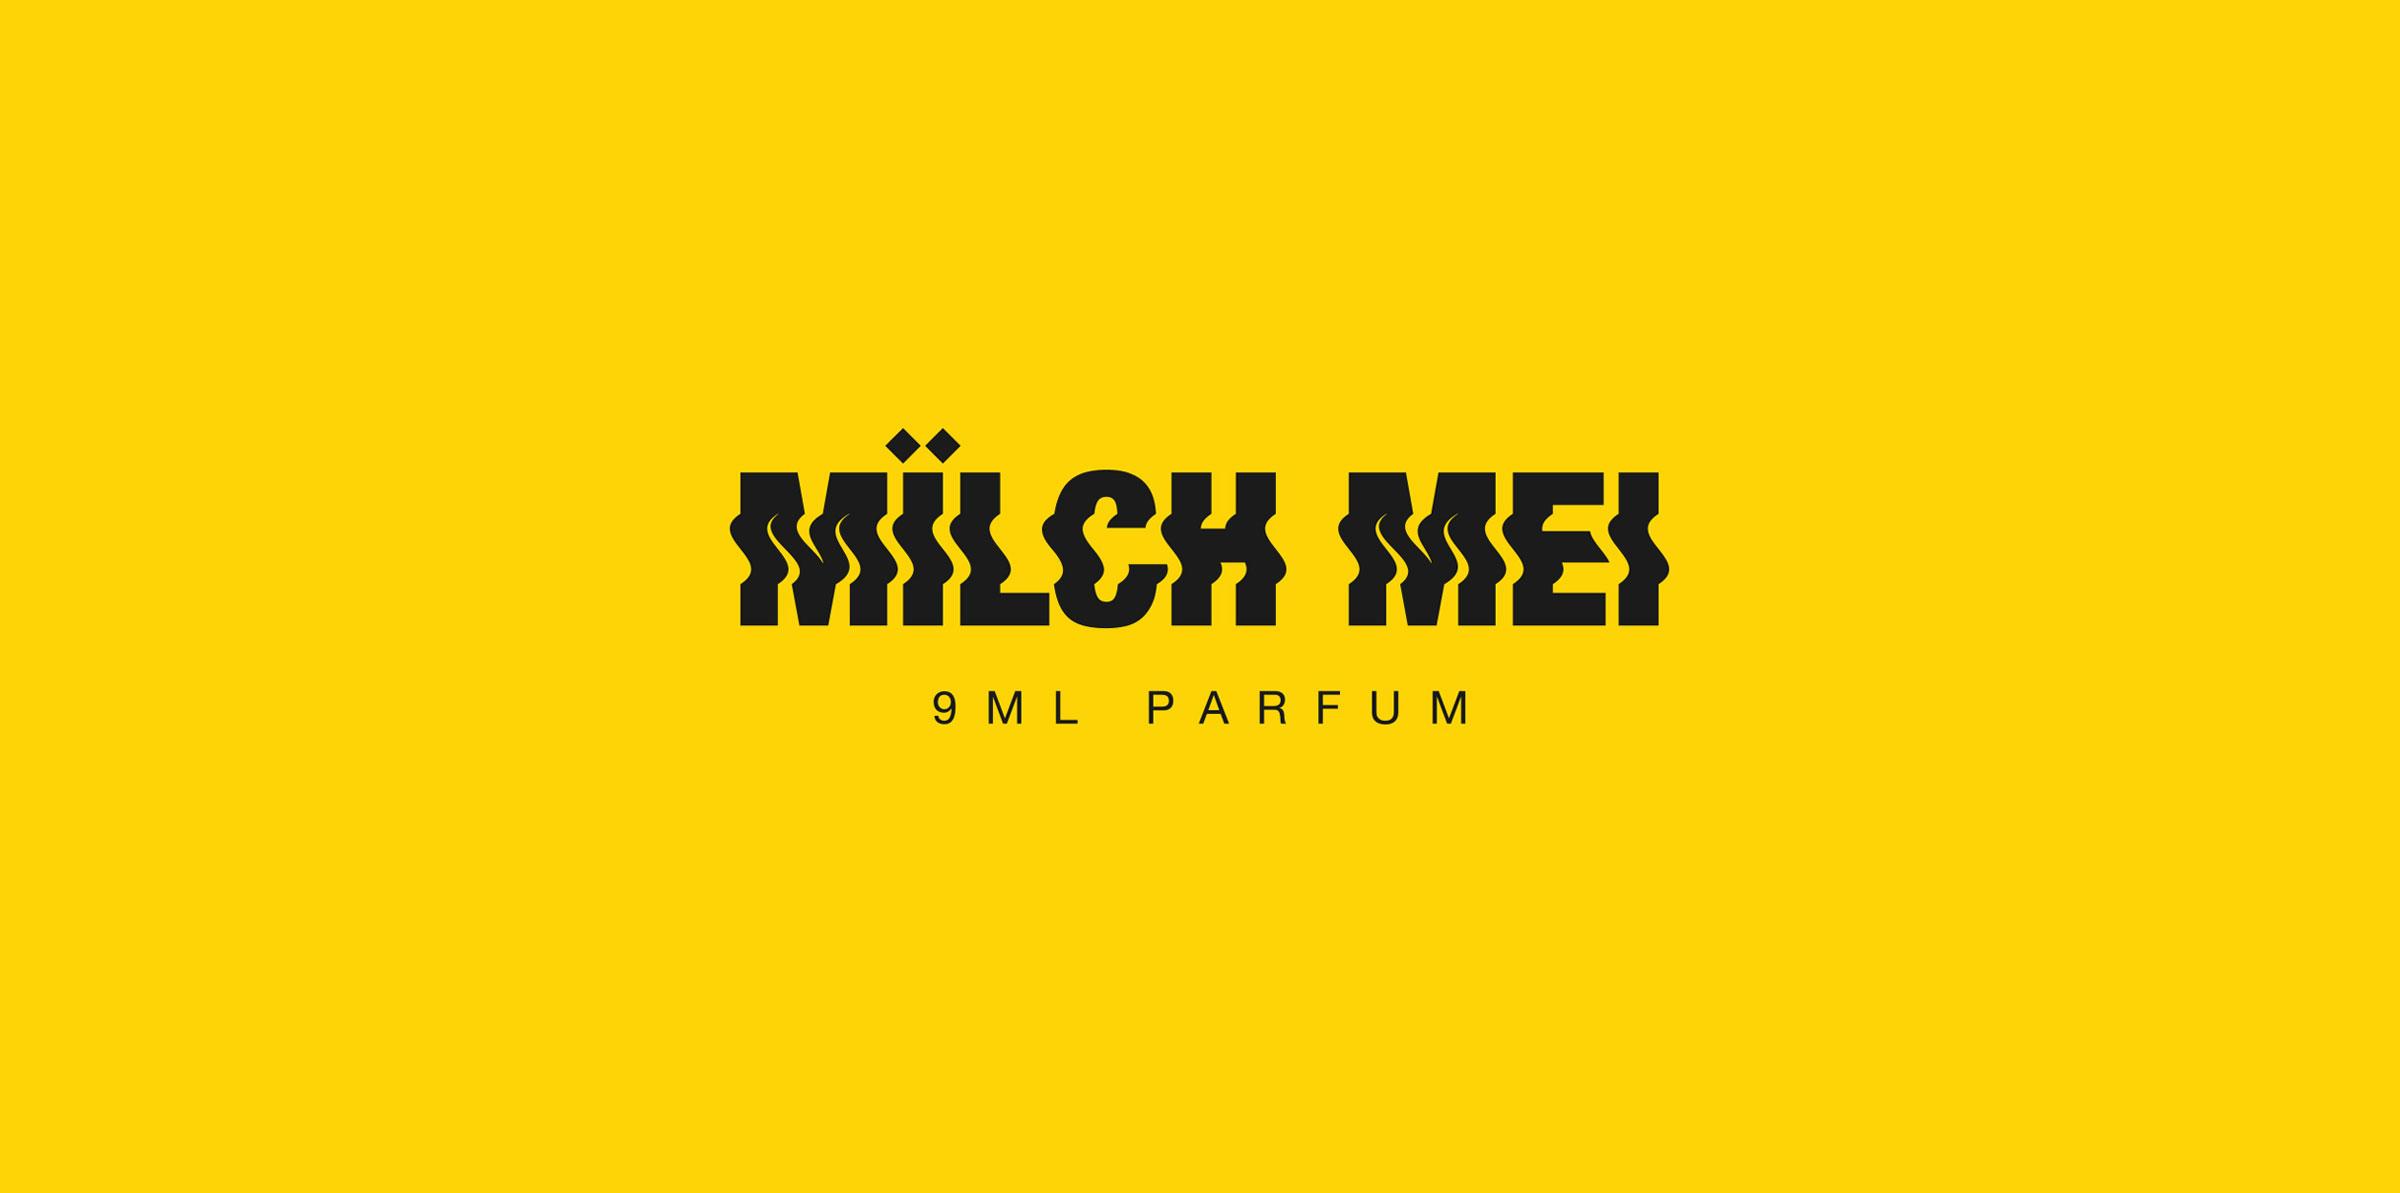 milch-mei-logo.jpg